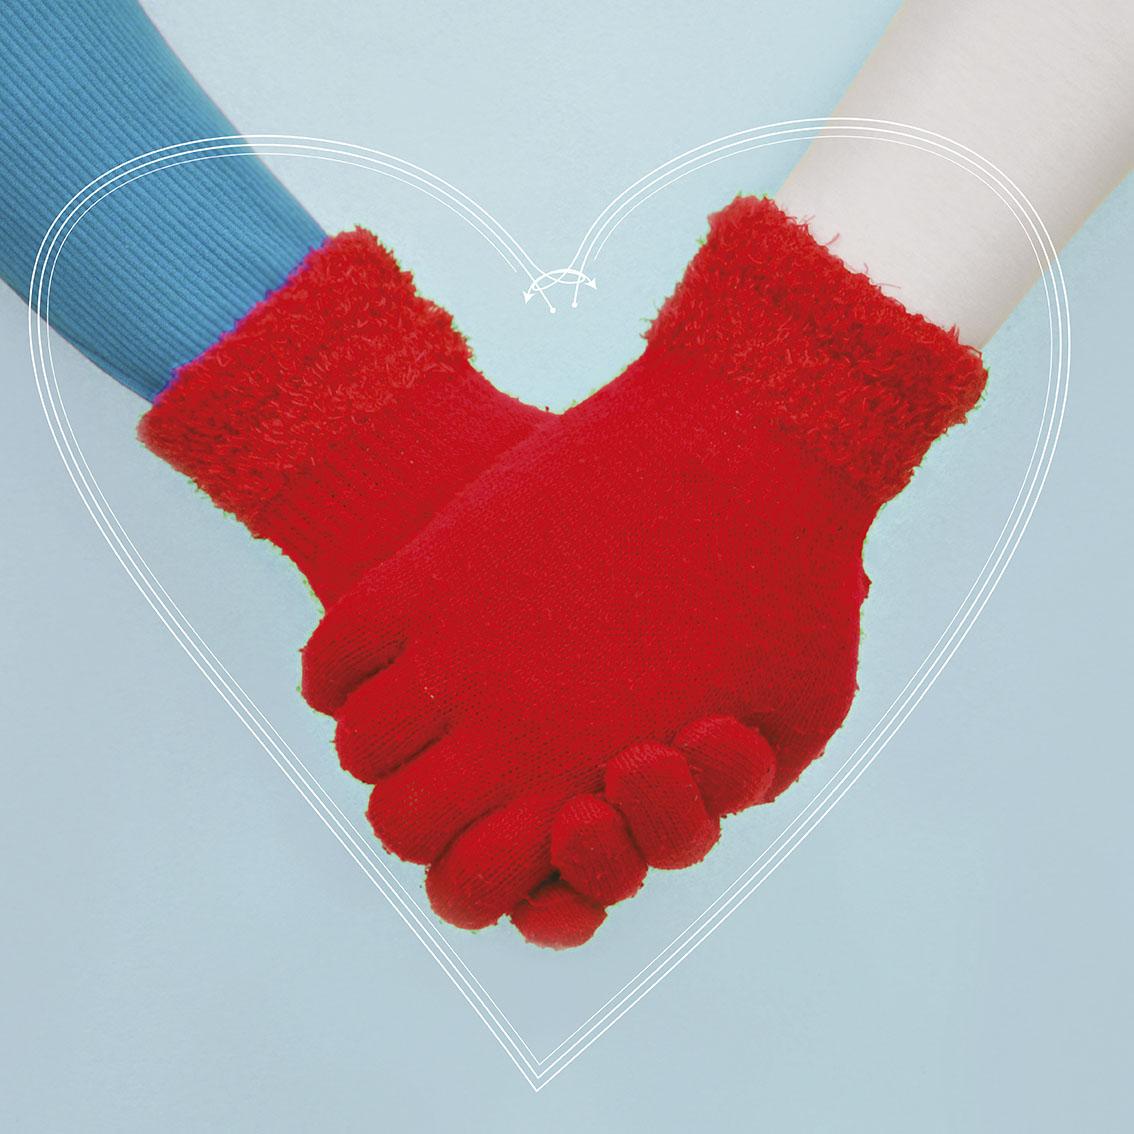 adesivo coração 40x40 cm-01